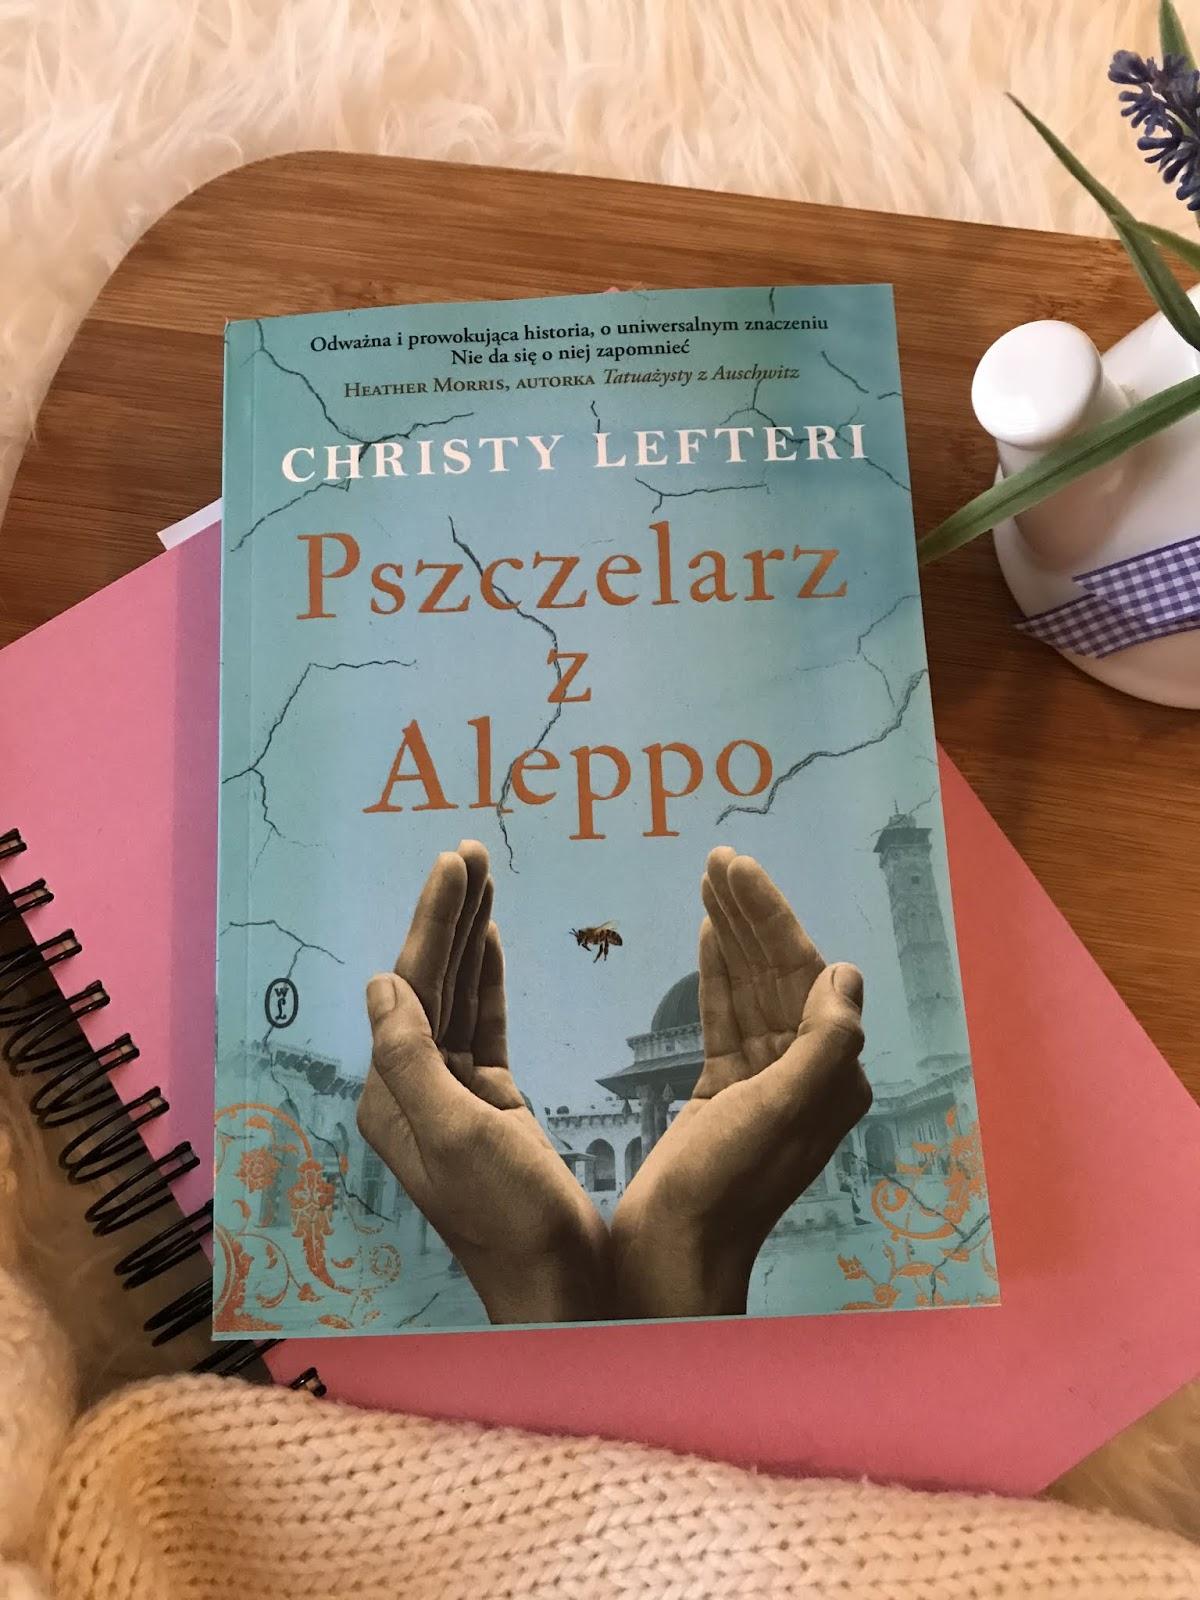 Christy Lefteri, Pszczelarz z Aleppo  [PRZEDPREMIERA]